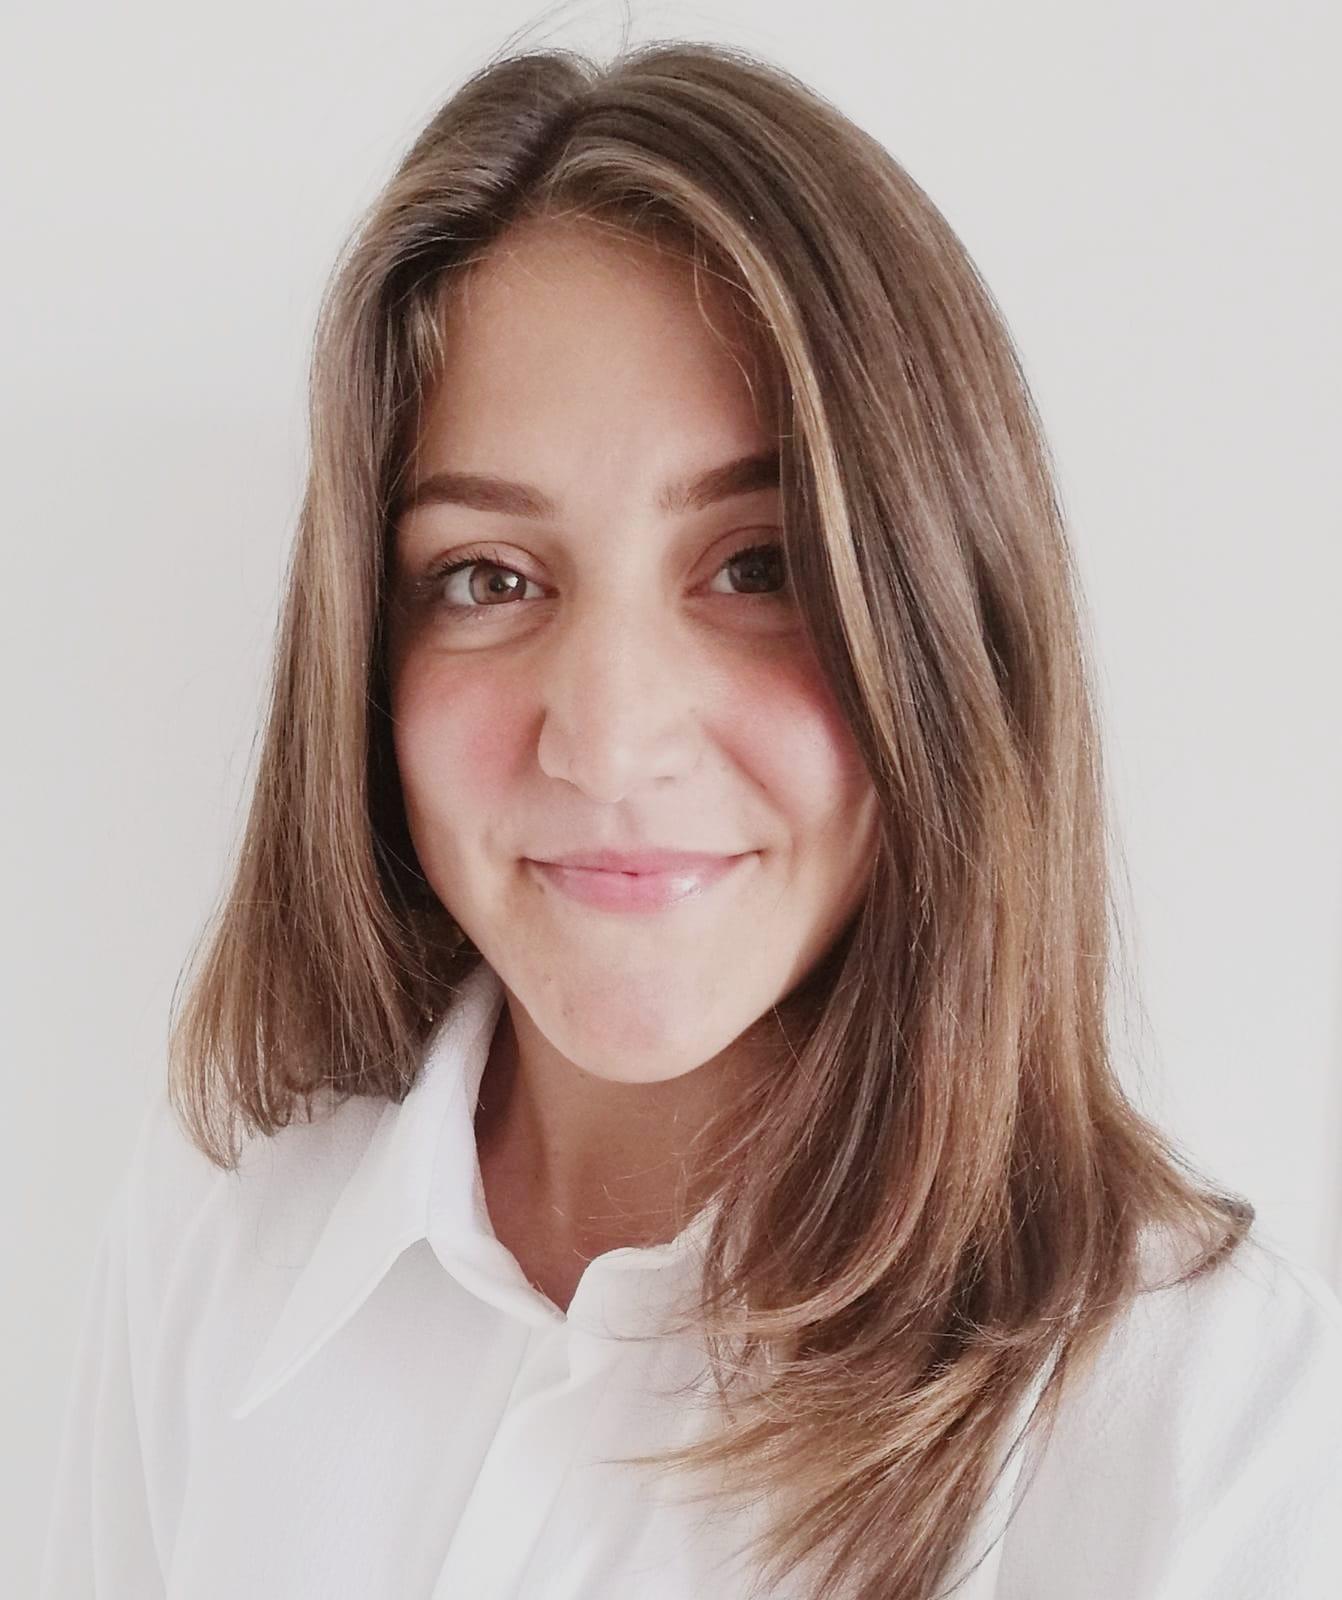 Alessandra Vacca. (Hons) Osteopathy